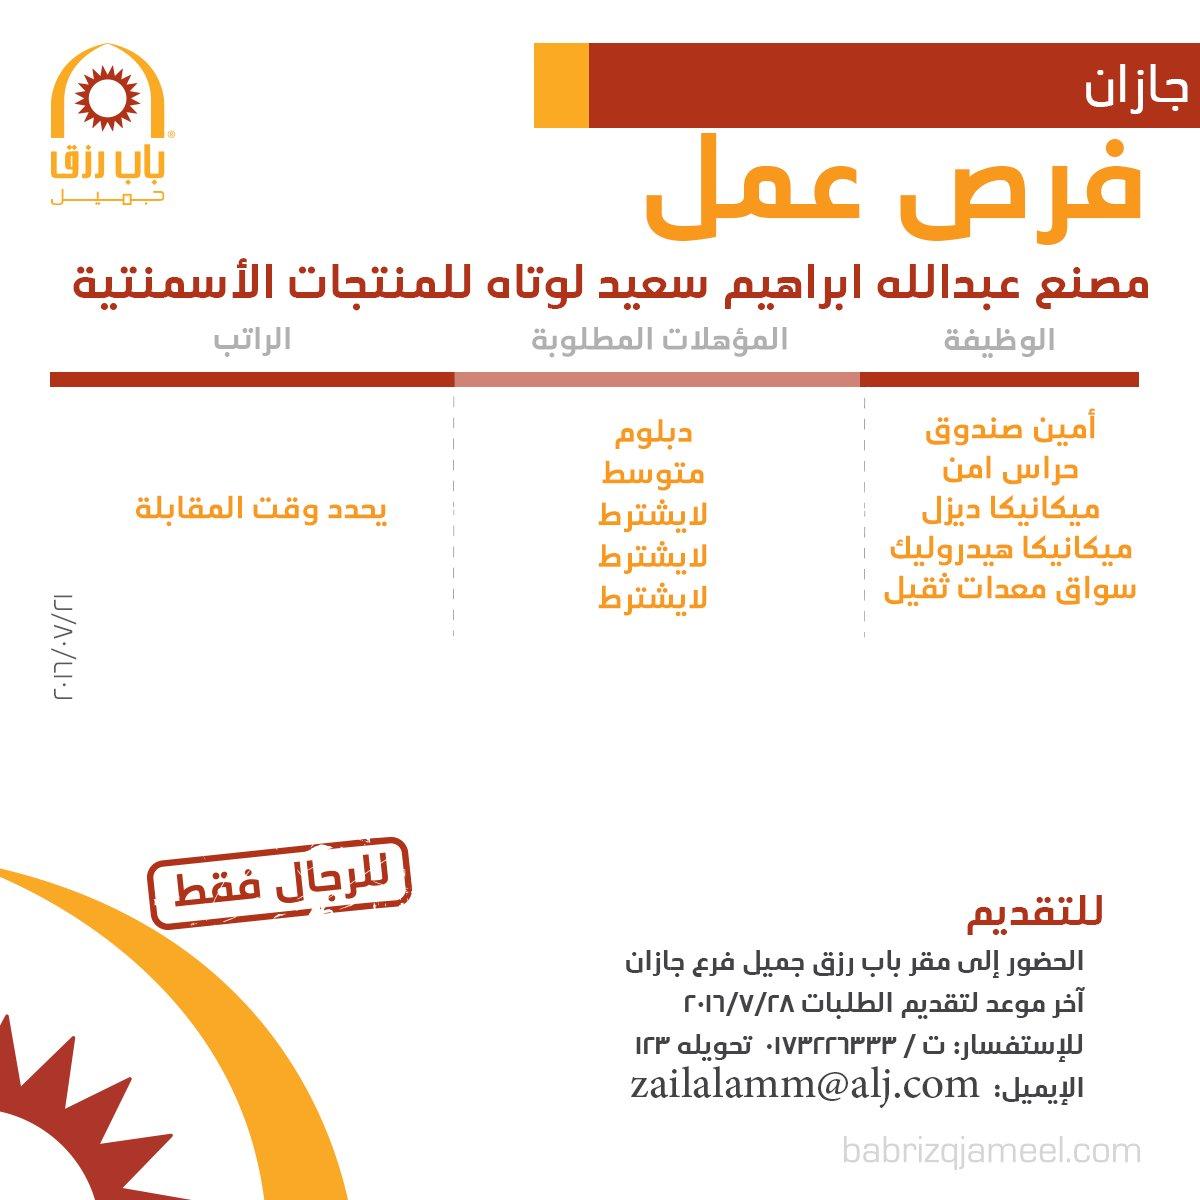 وظائف في مصنع عبدلله ابراهيم سعيد للمنتجات الاسمنتية - جازان